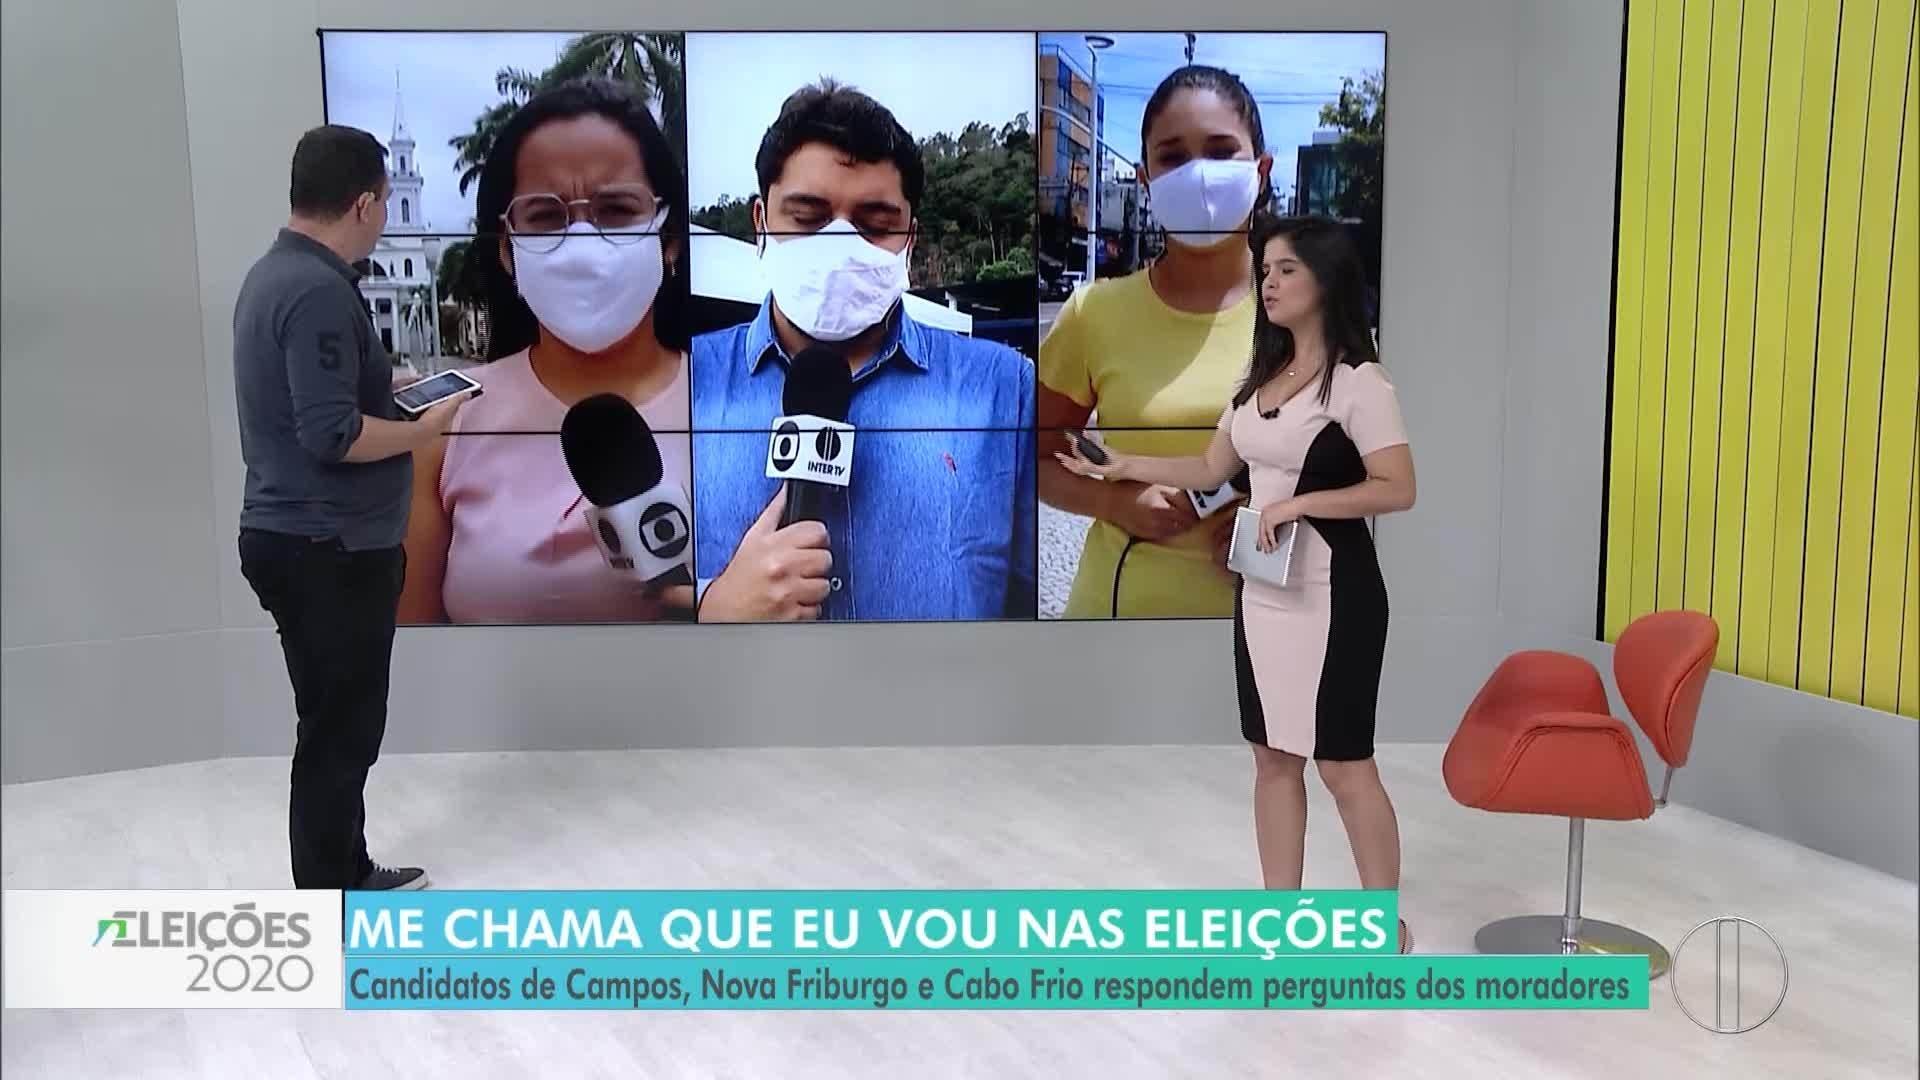 VÍDEOS: 'Me chama que eu vou' Eleições 2020 - Cabo Frio